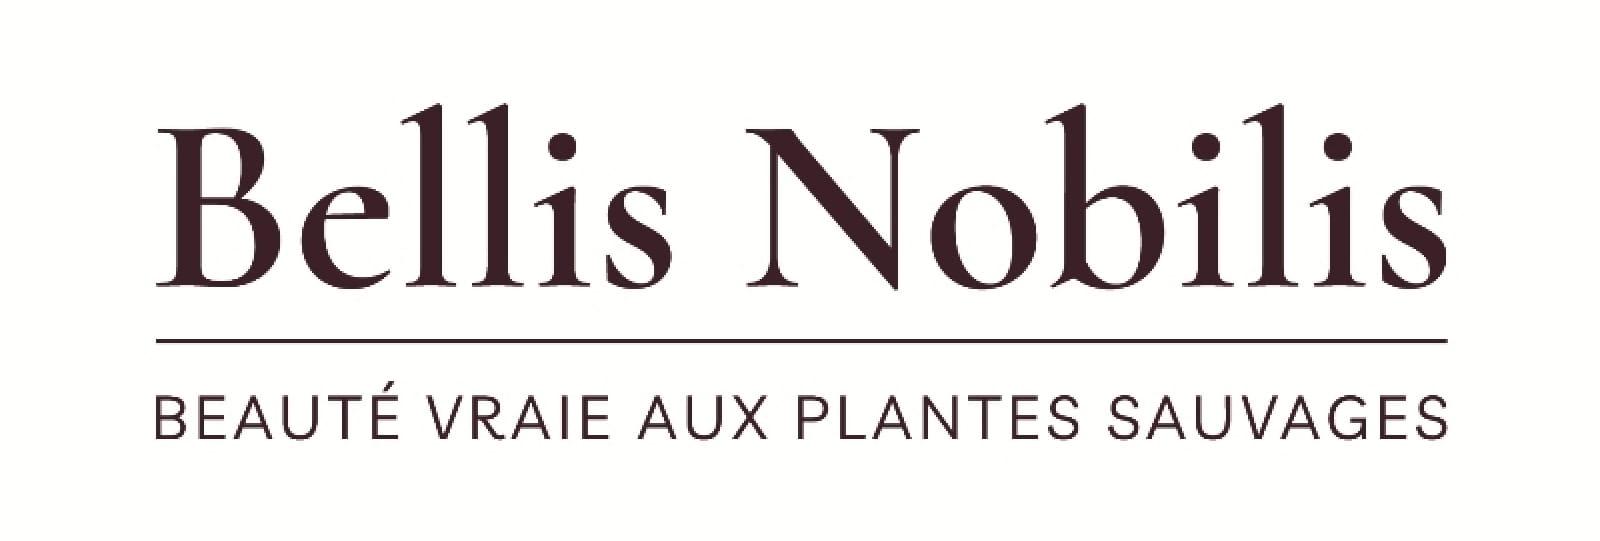 Bellis Nobilis